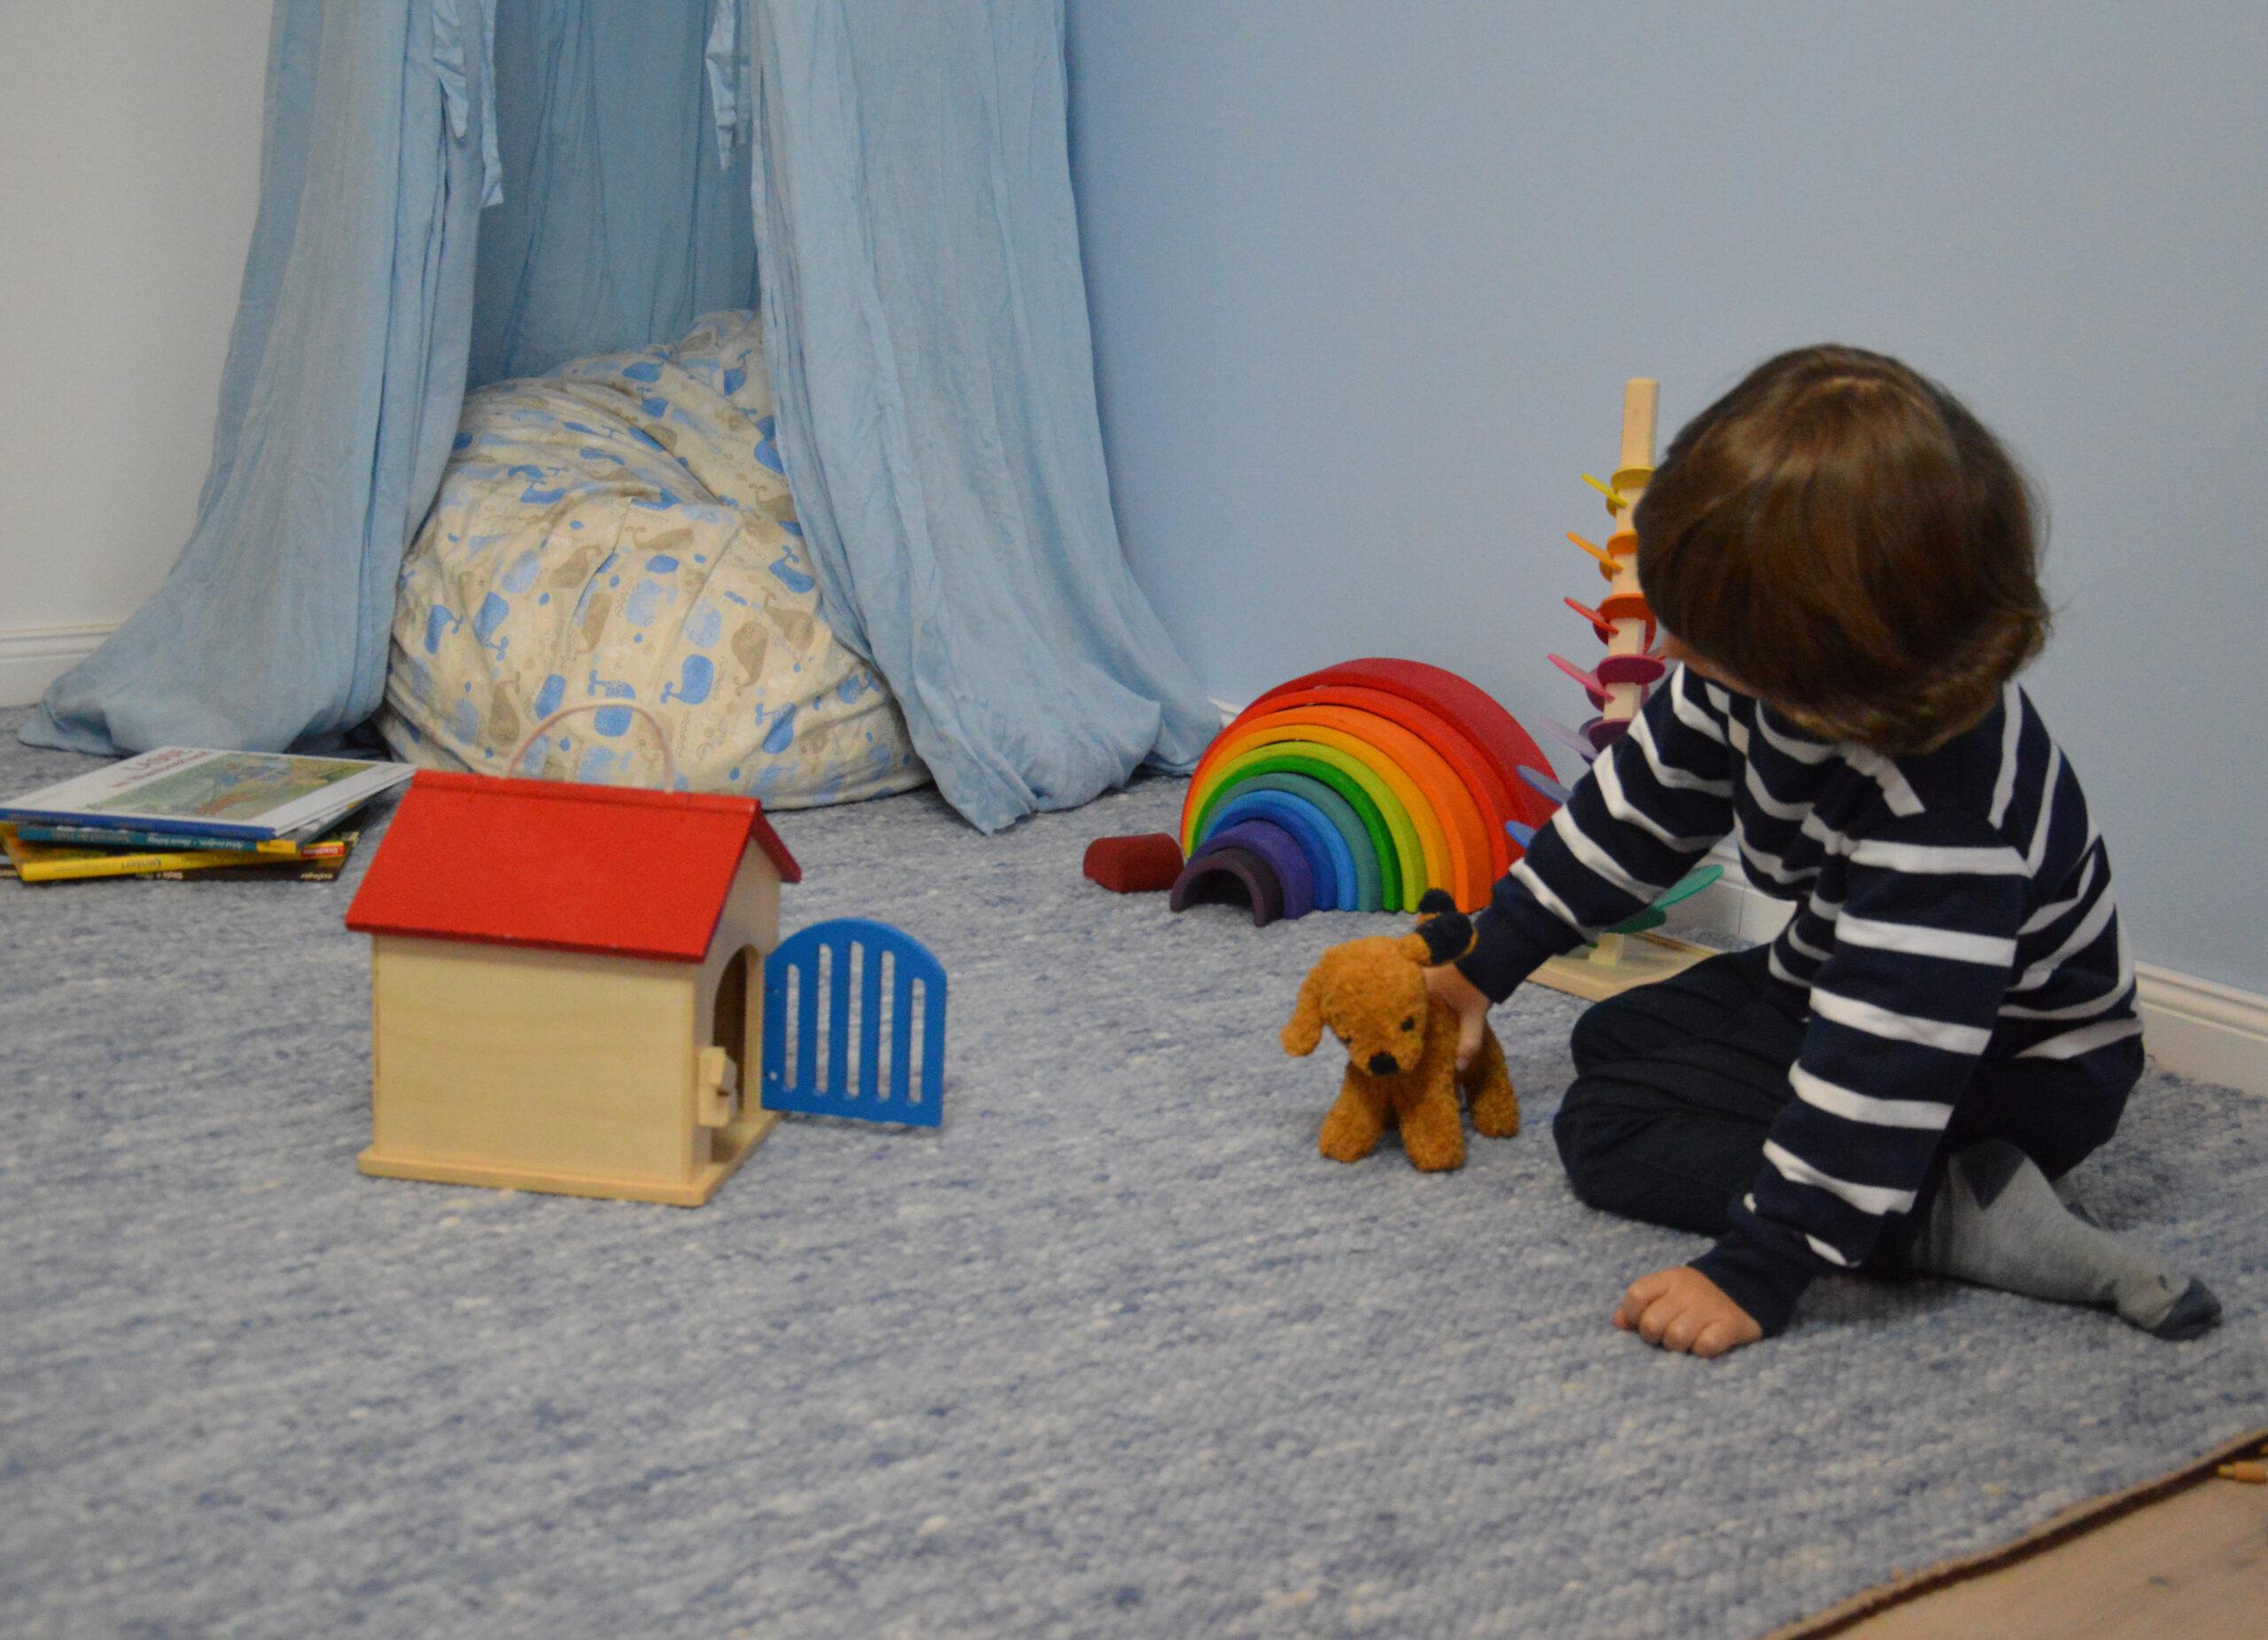 Full Size of Teppiche Kinderzimmer Traumhafte Fr Gemtliche Sofa Wohnzimmer Regal Regale Weiß Kinderzimmer Teppiche Kinderzimmer